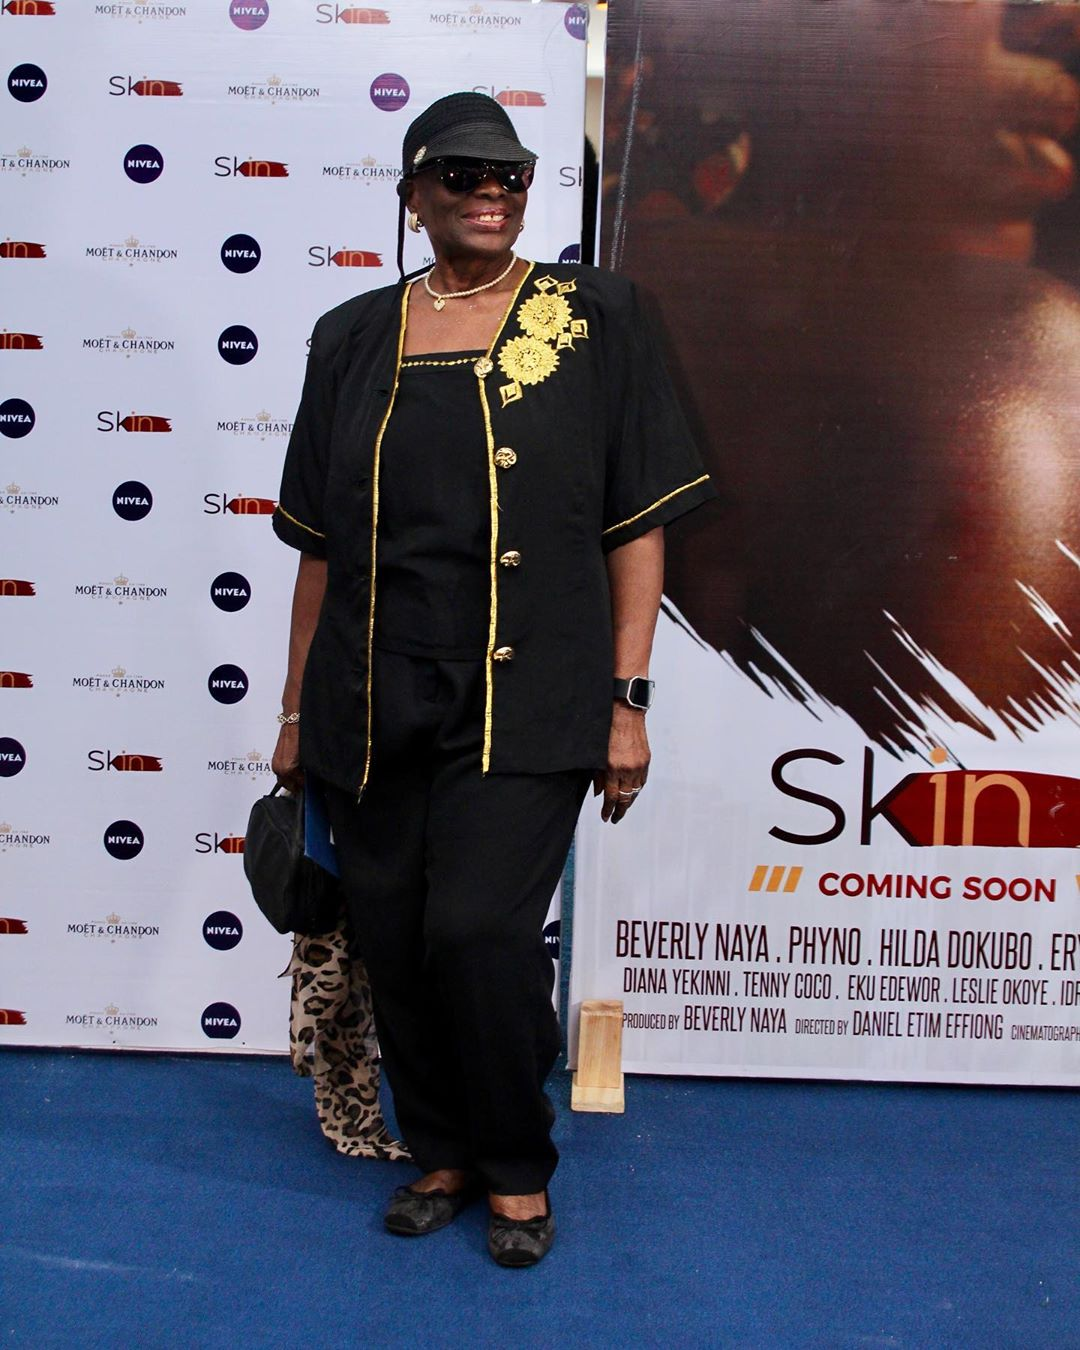 """18 - Omotola Jalade-Ekeinde, Mo Abudu, others spotted at the Premiere of Beverly Naya's Documentary """"Skin"""""""